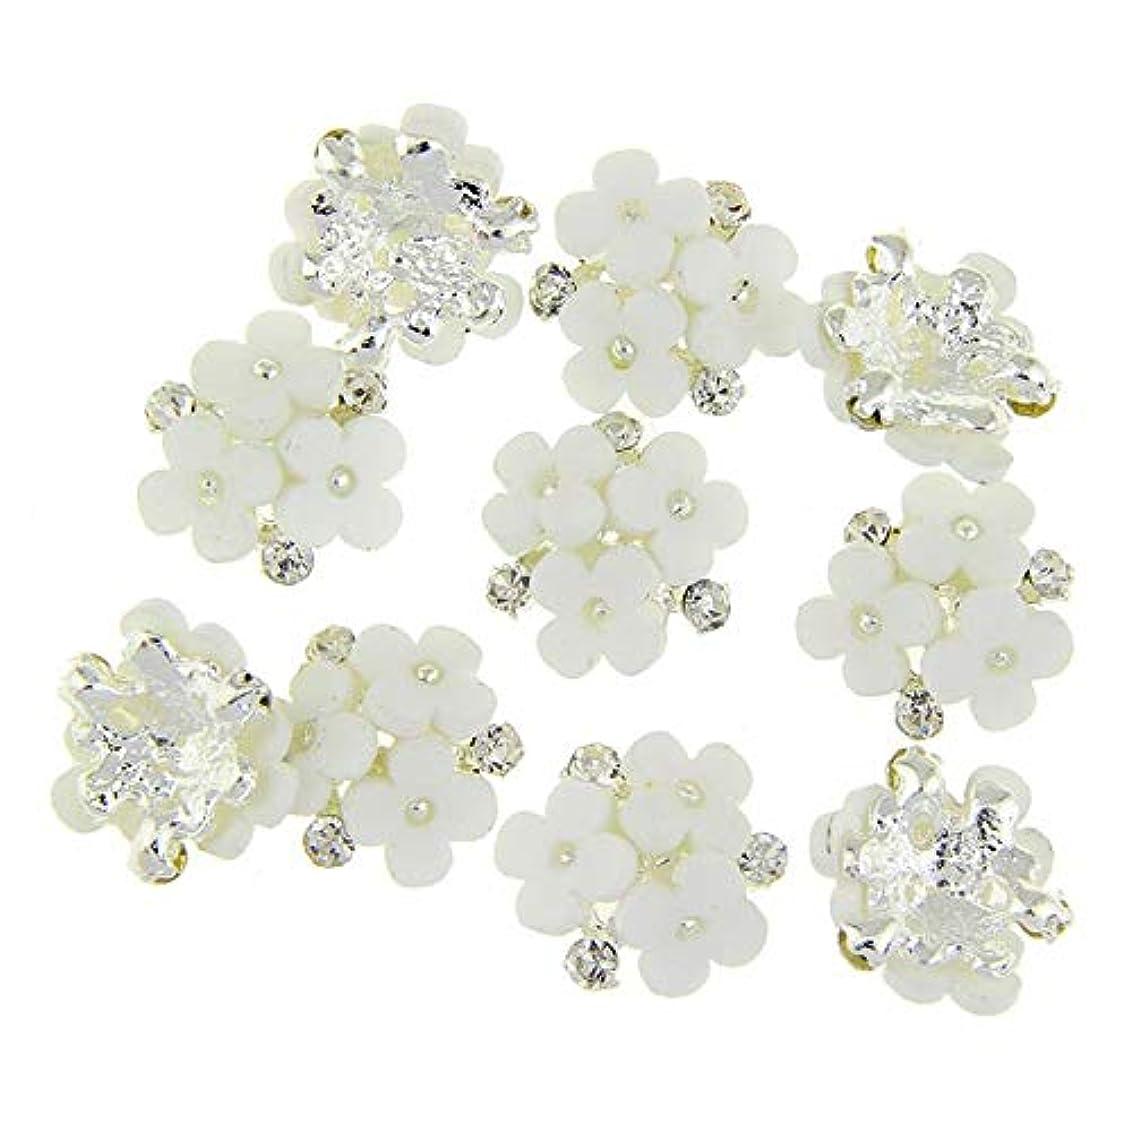 確実一緒に納屋ネイルズ3D花銀合金チャーム用10個/ロット三花柄ラインストーンは、アートの装飾ネイル